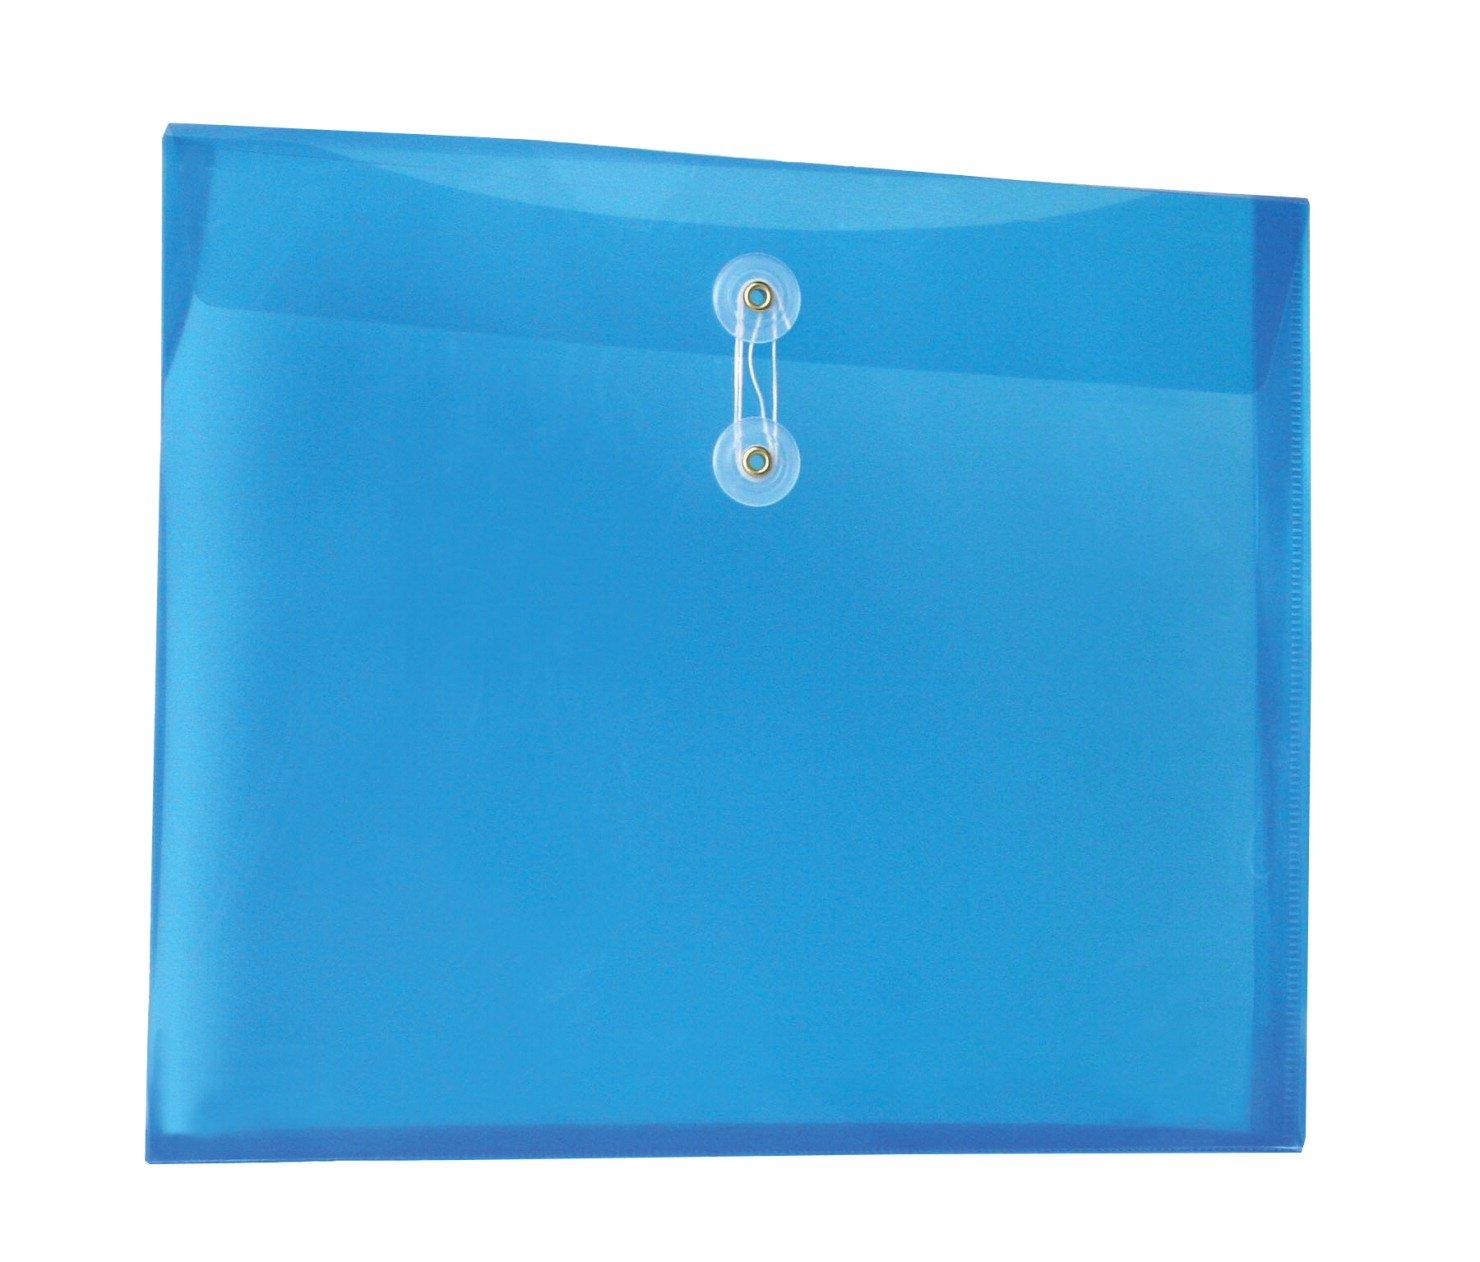 School Smart Side Loading Polypropylene String Envelopes - Pack of 12 - Clear